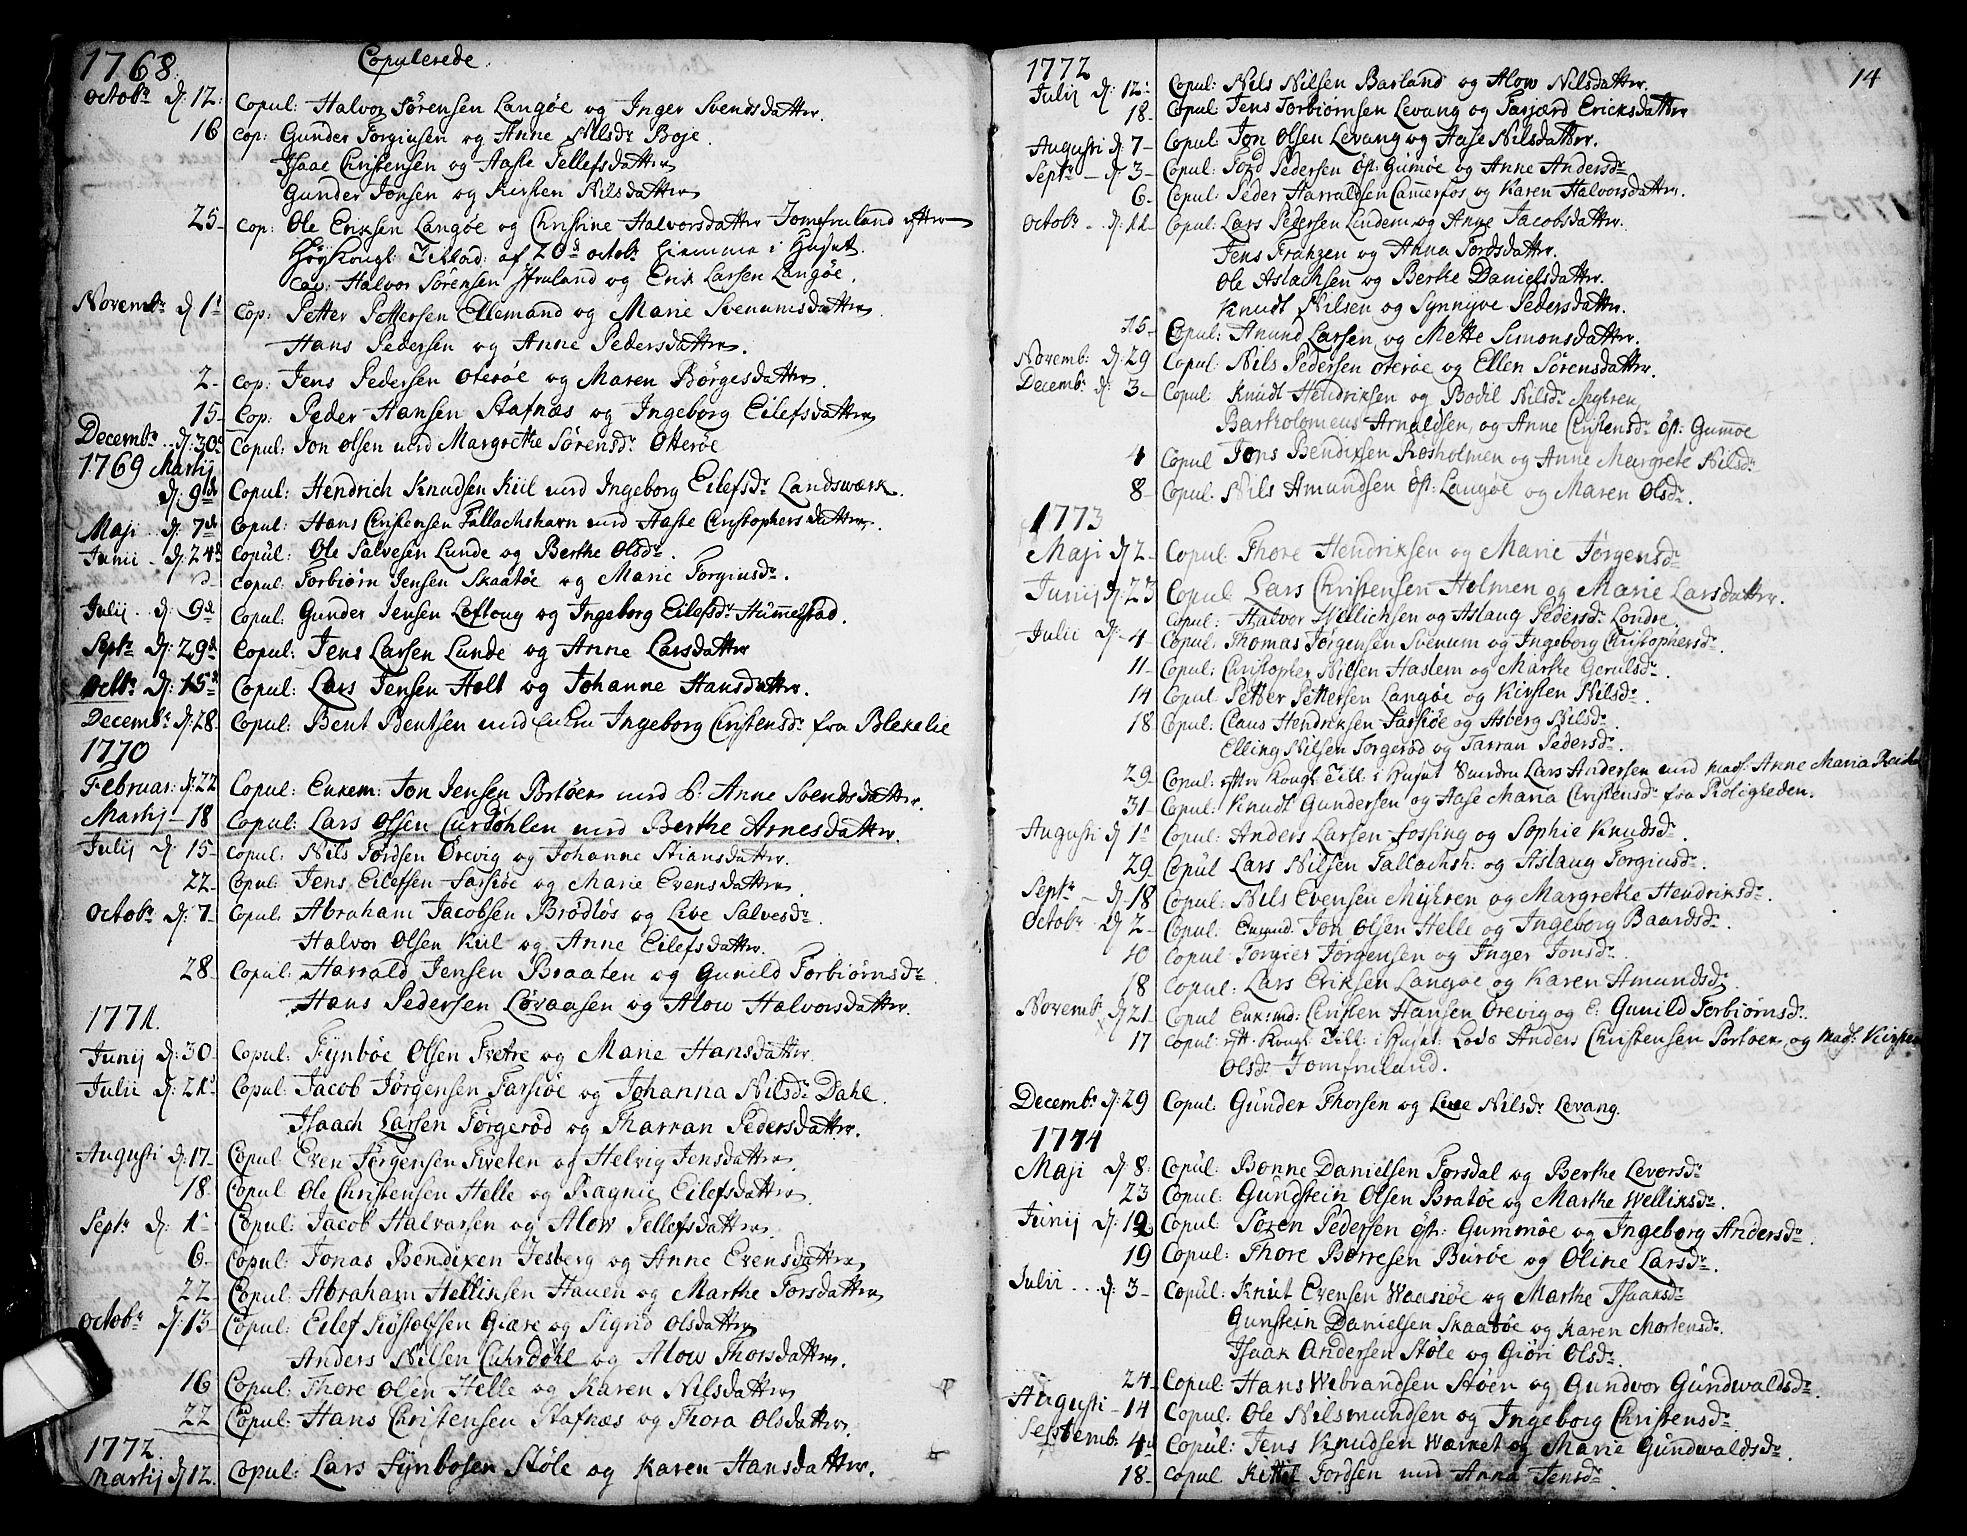 SAKO, Sannidal kirkebøker, F/Fa/L0002: Ministerialbok nr. 2, 1767-1802, s. 14